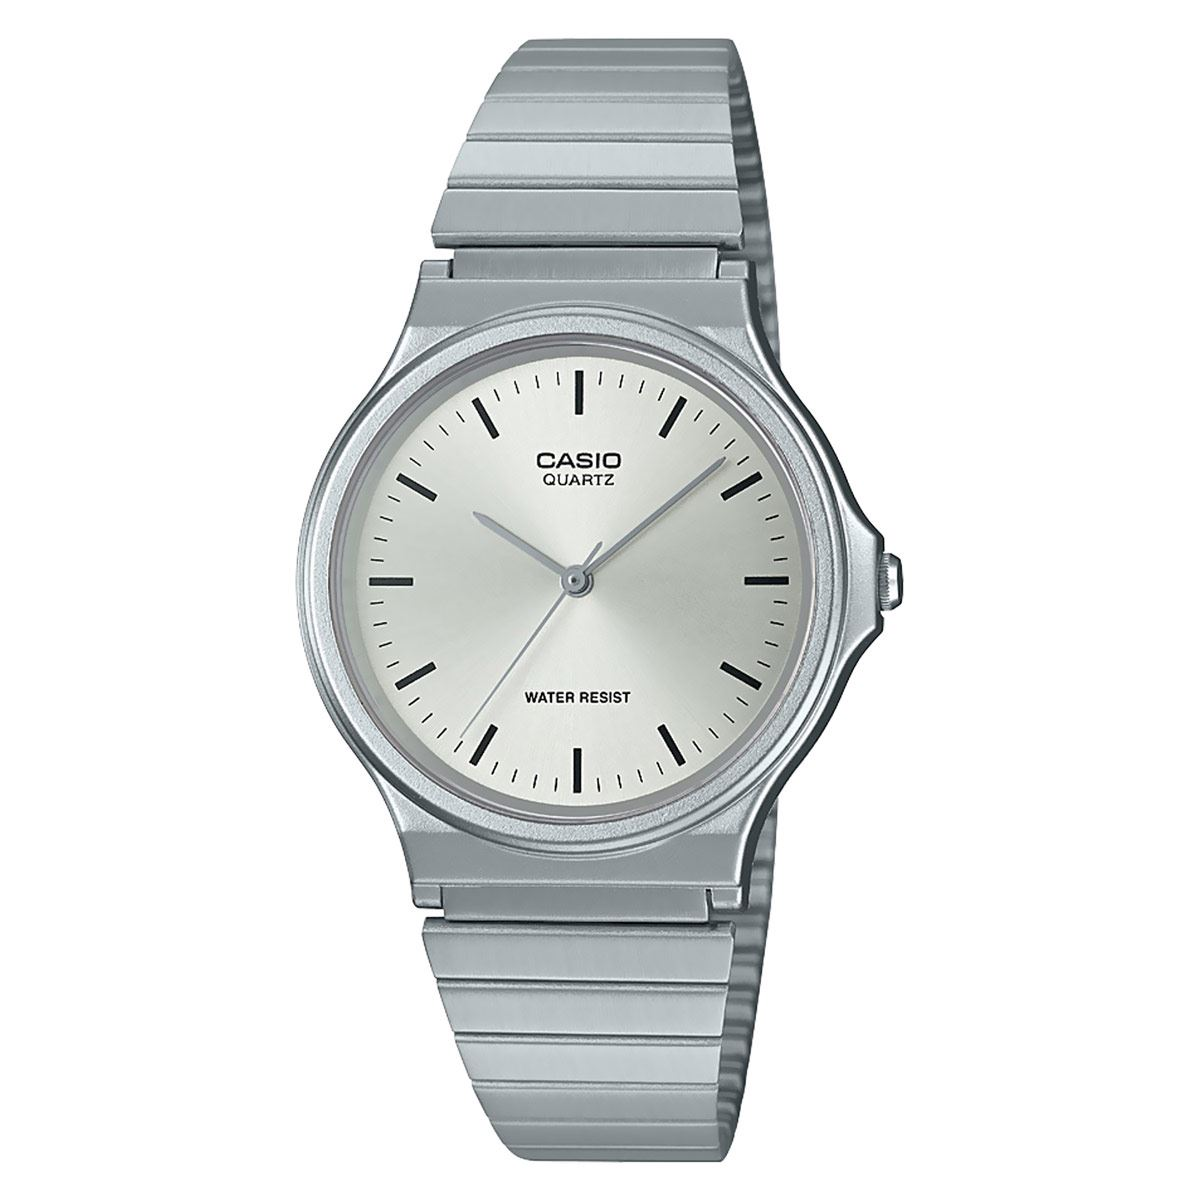 Reloj Casio Mod. Mq-24d-7ecf Unisex Para Dama